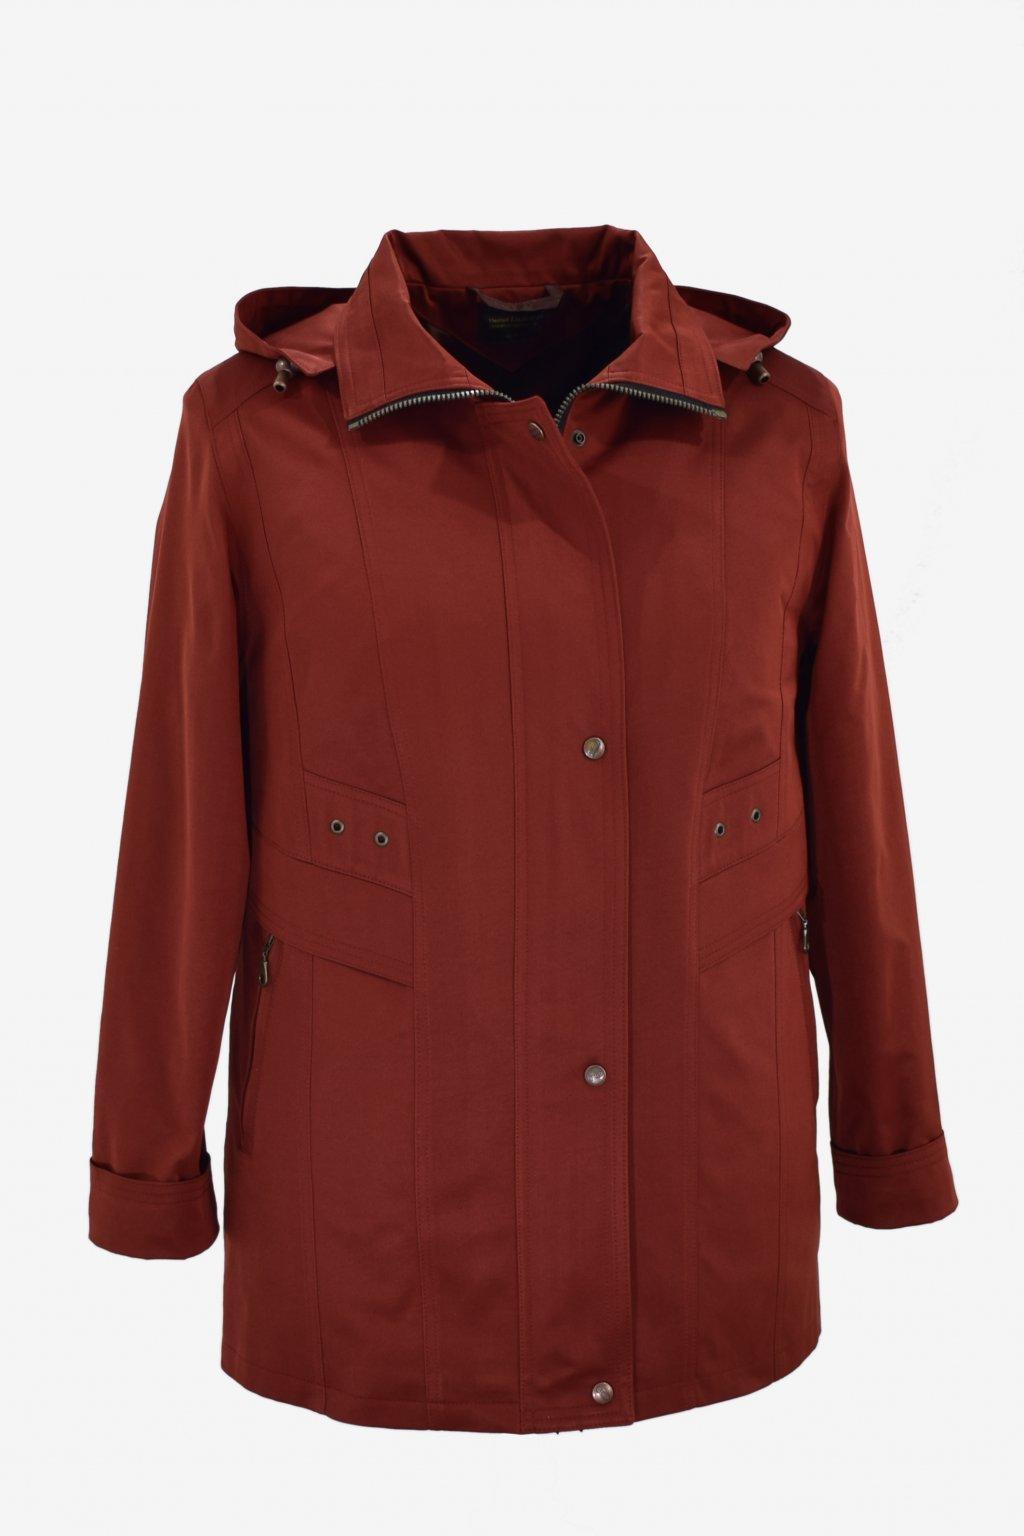 Dámská hnědá jarní bunda Helena nadměrné velikosti.